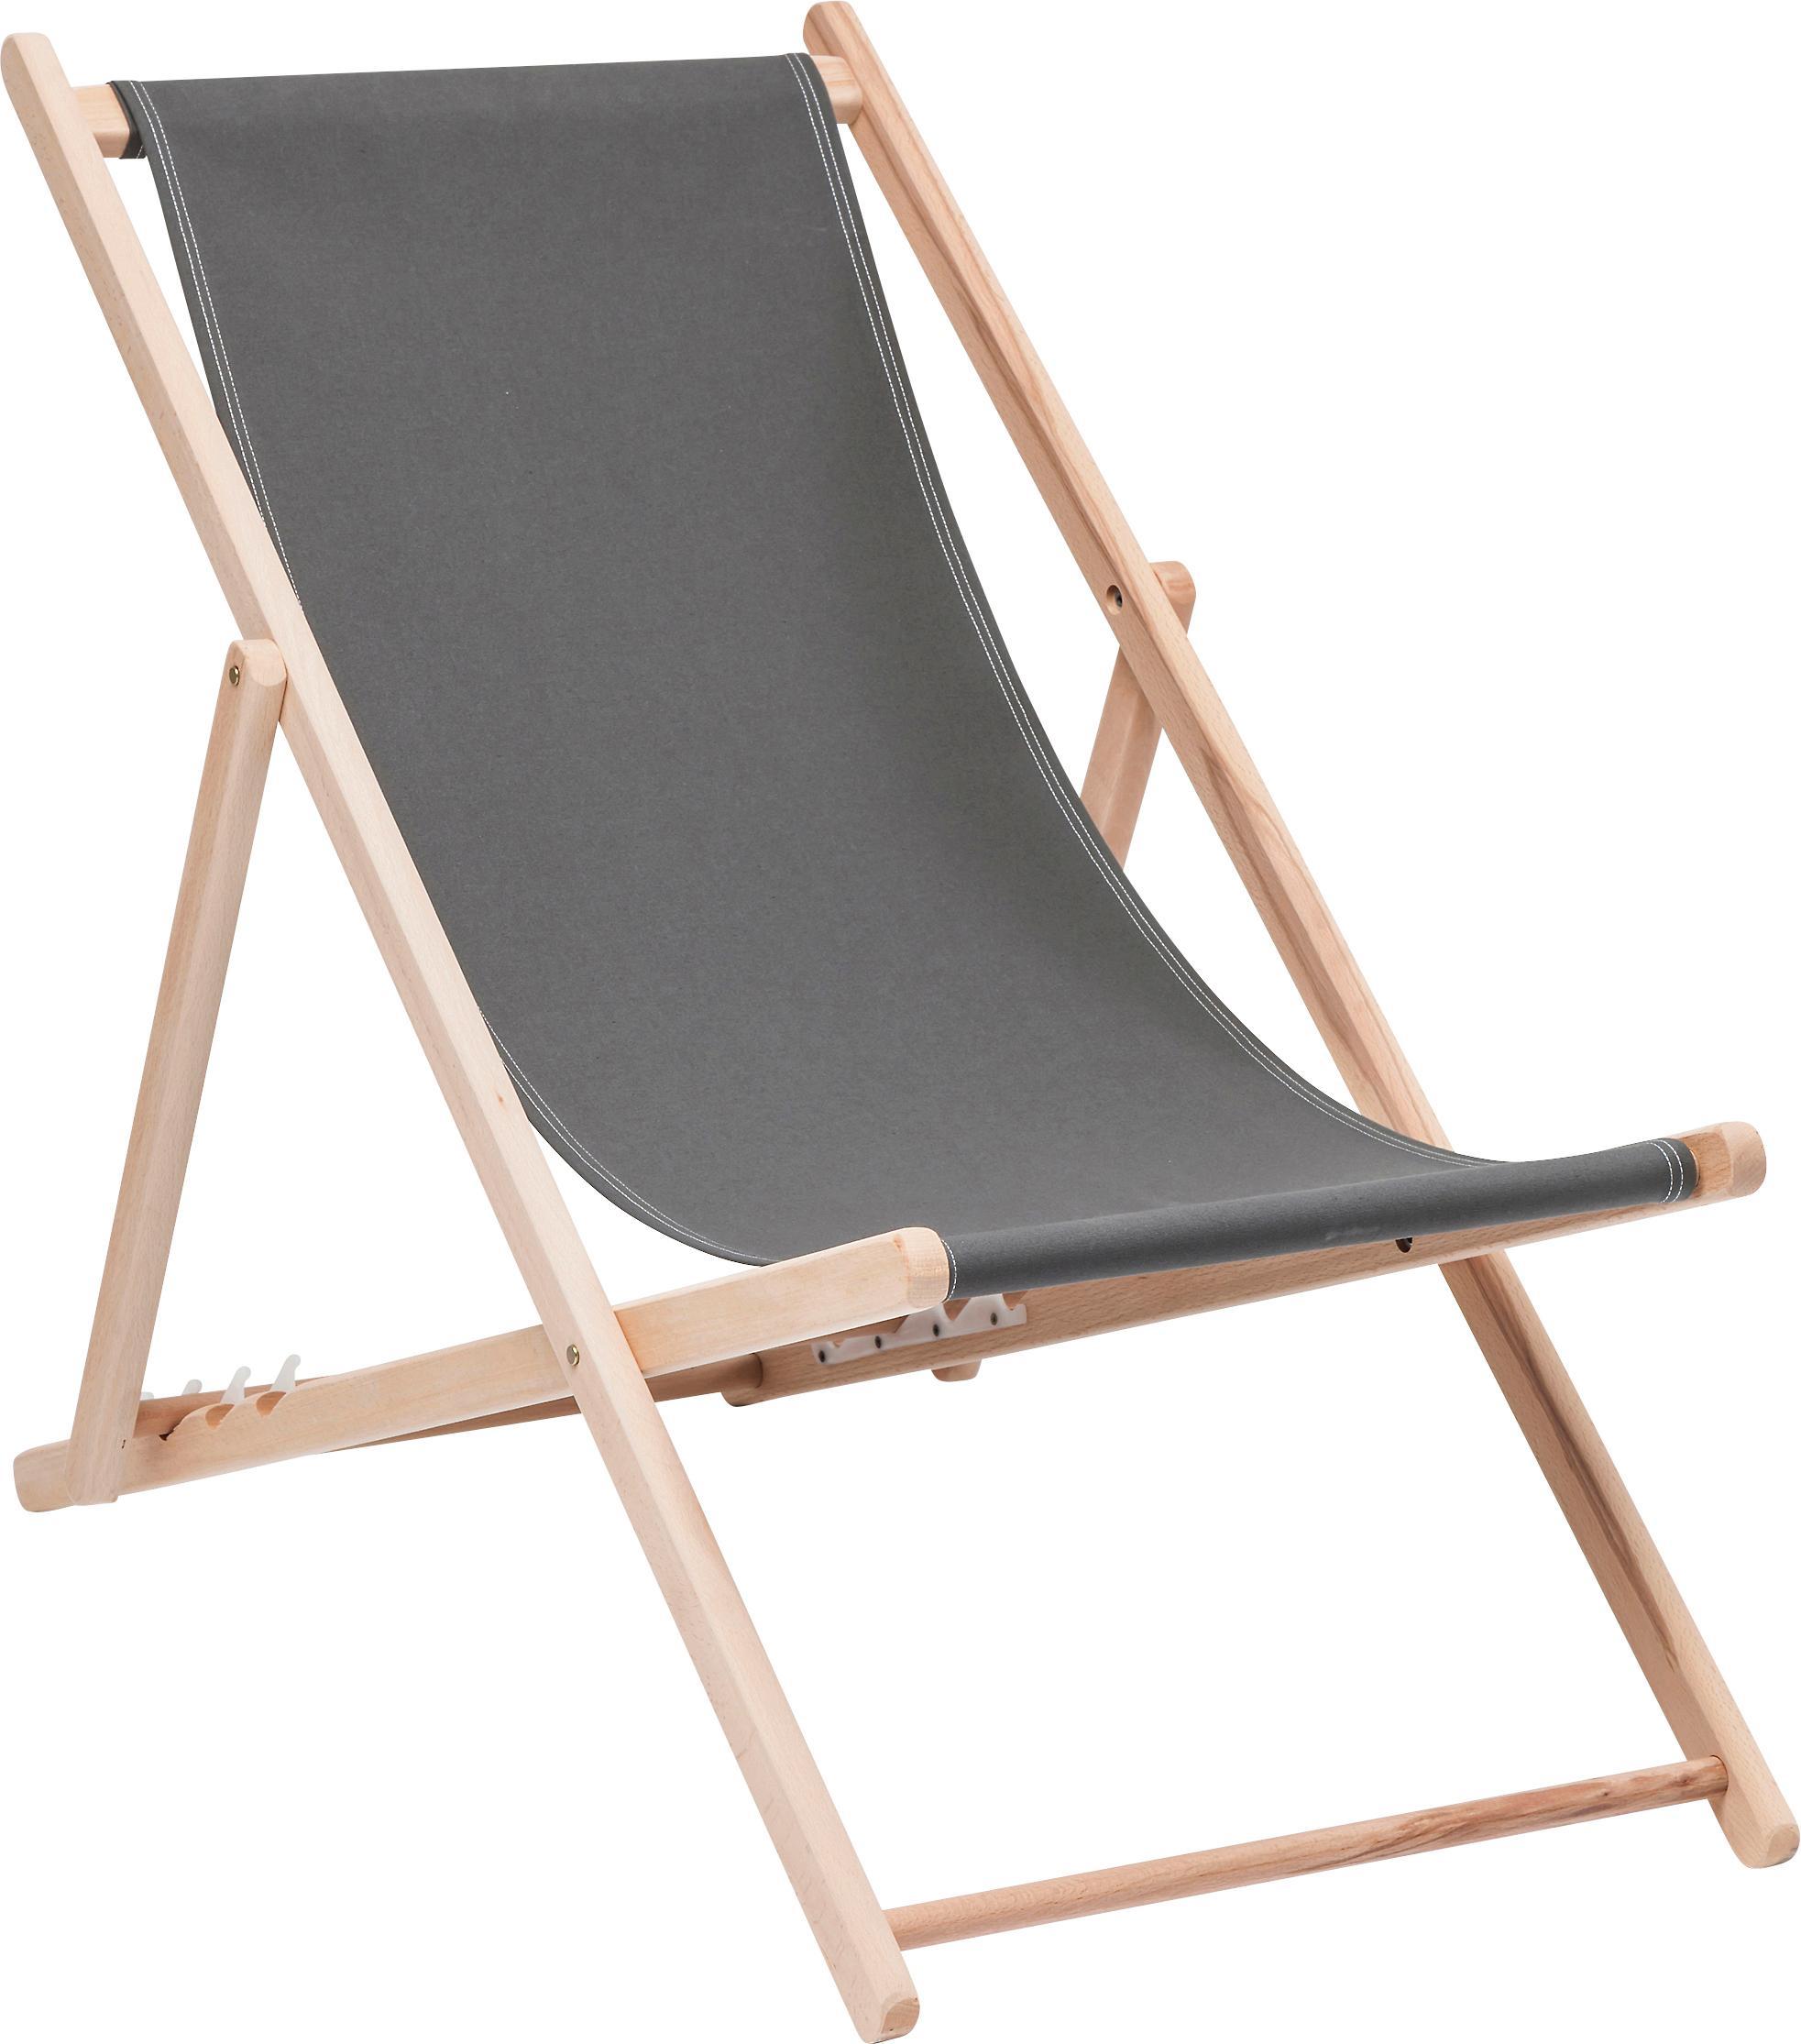 Składany leżak Hot Summer, Stelaż: drewno bukowe, Szary, drewno bukowe, S 96 x G 56 cm